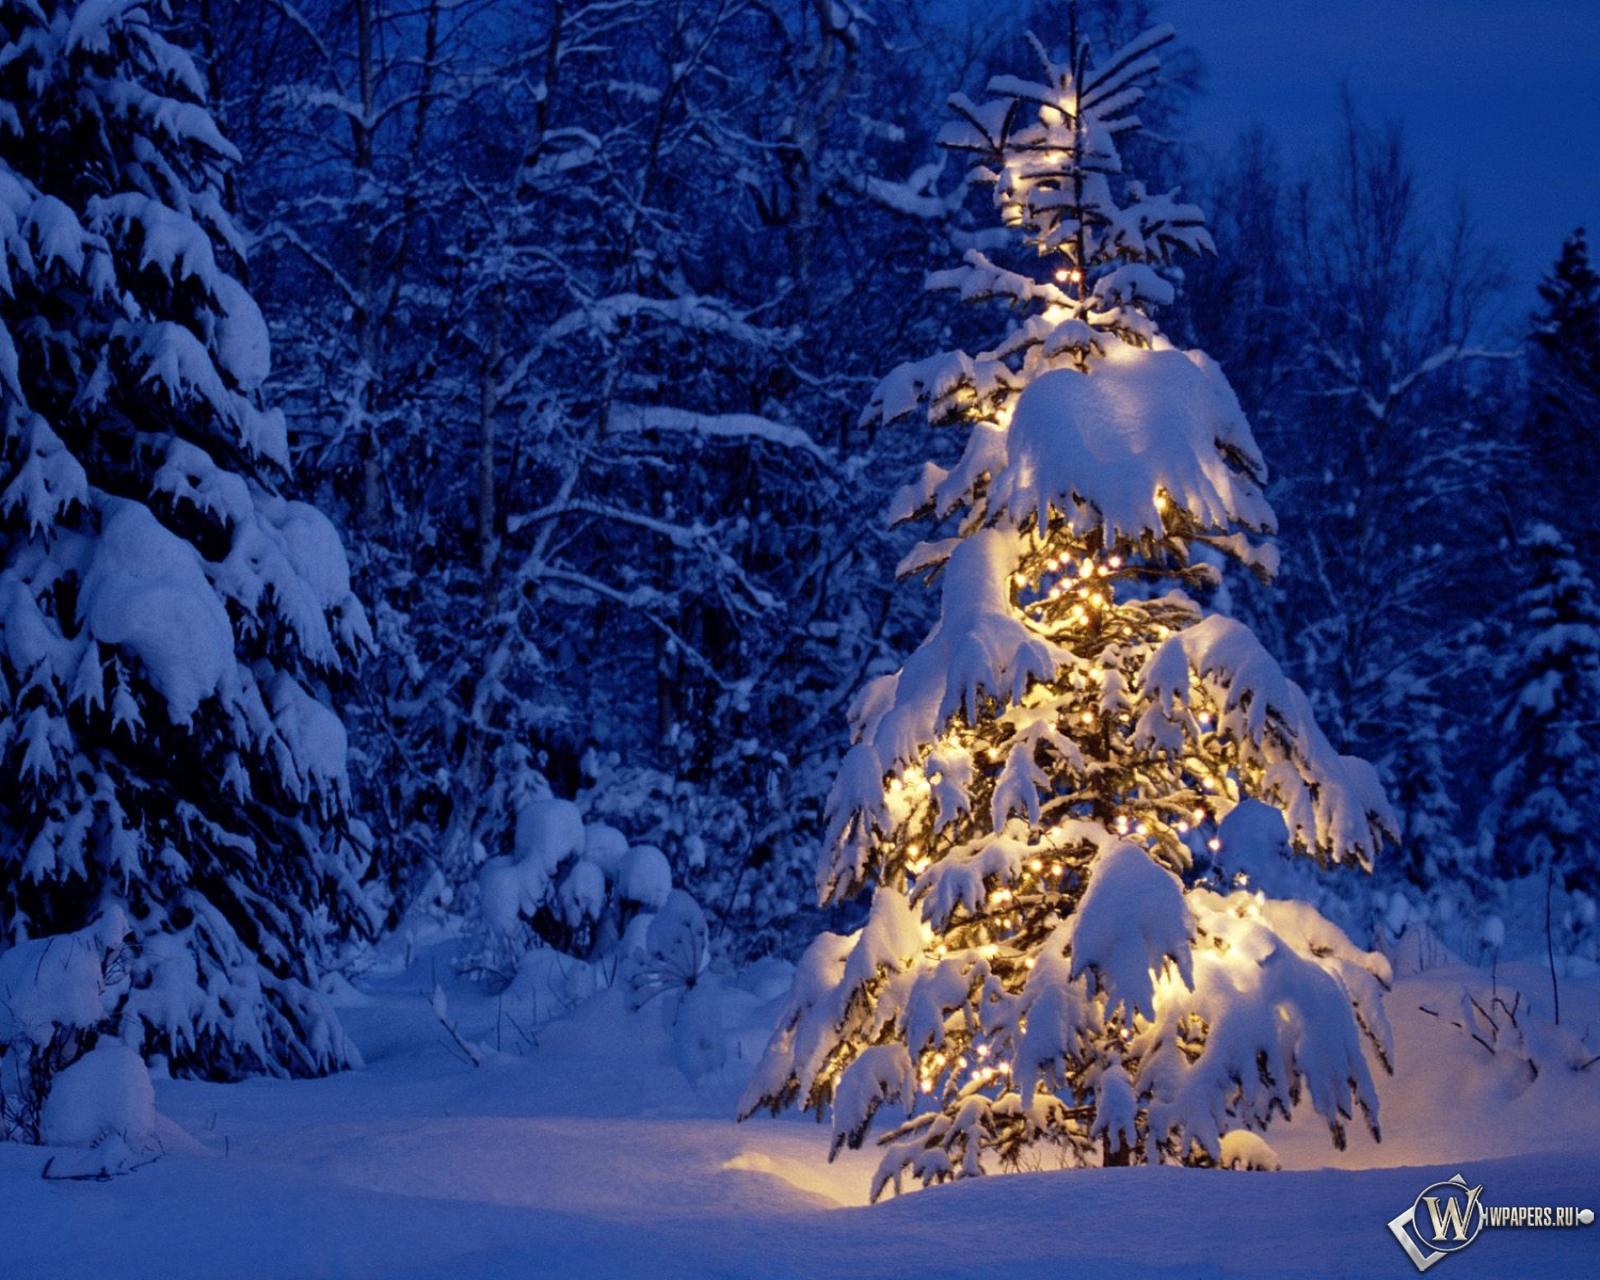 Лесу зима снег лес новый год елка